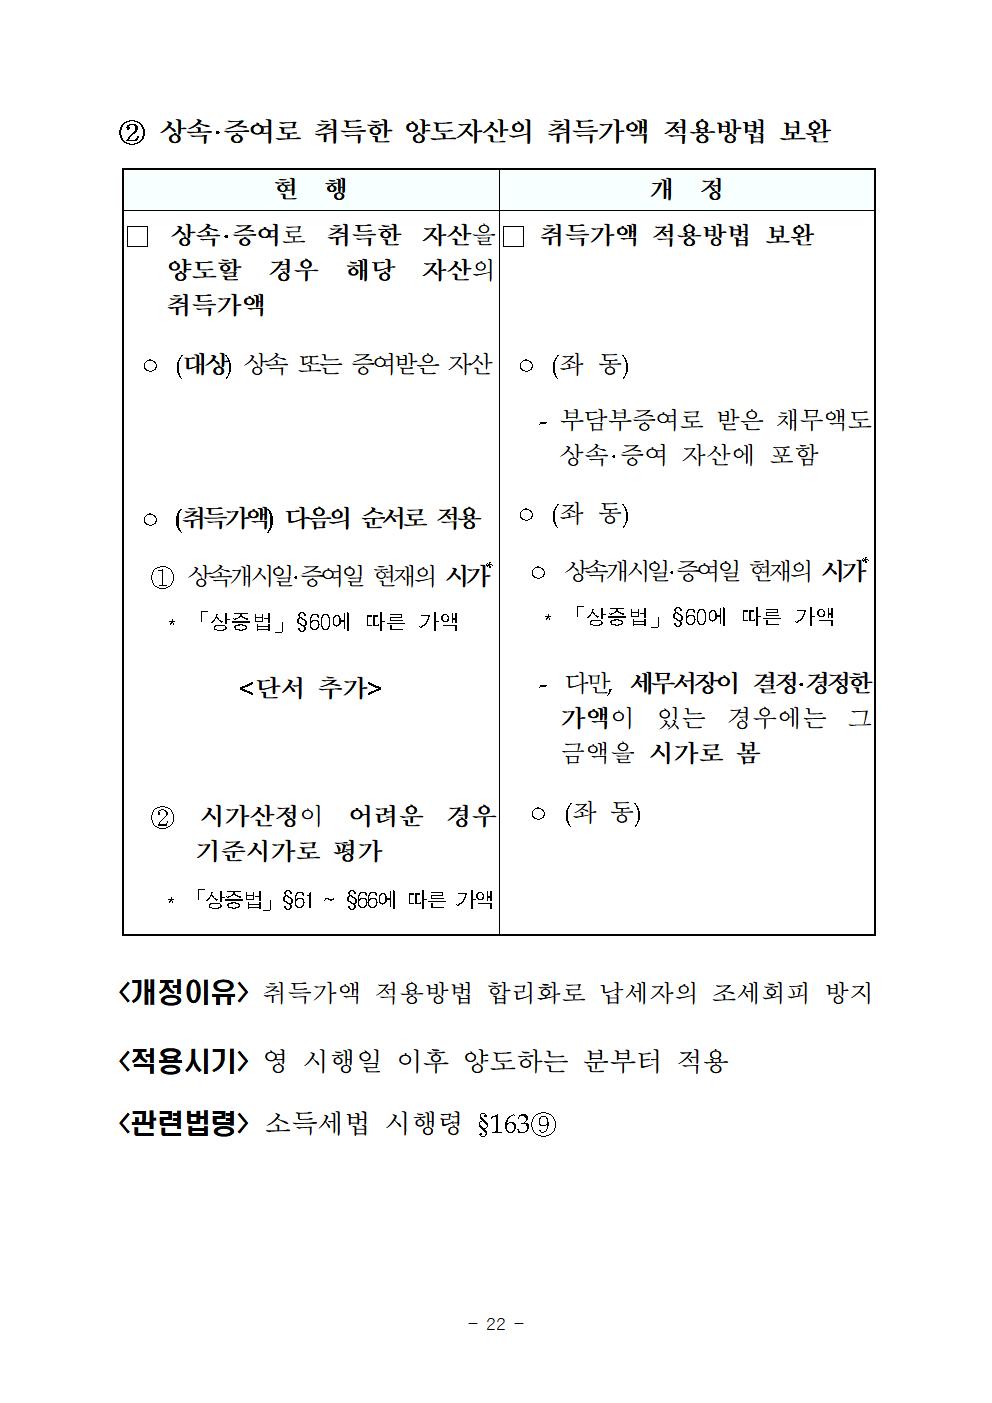 2019년세법개정내용(양도소득세분야)027.png